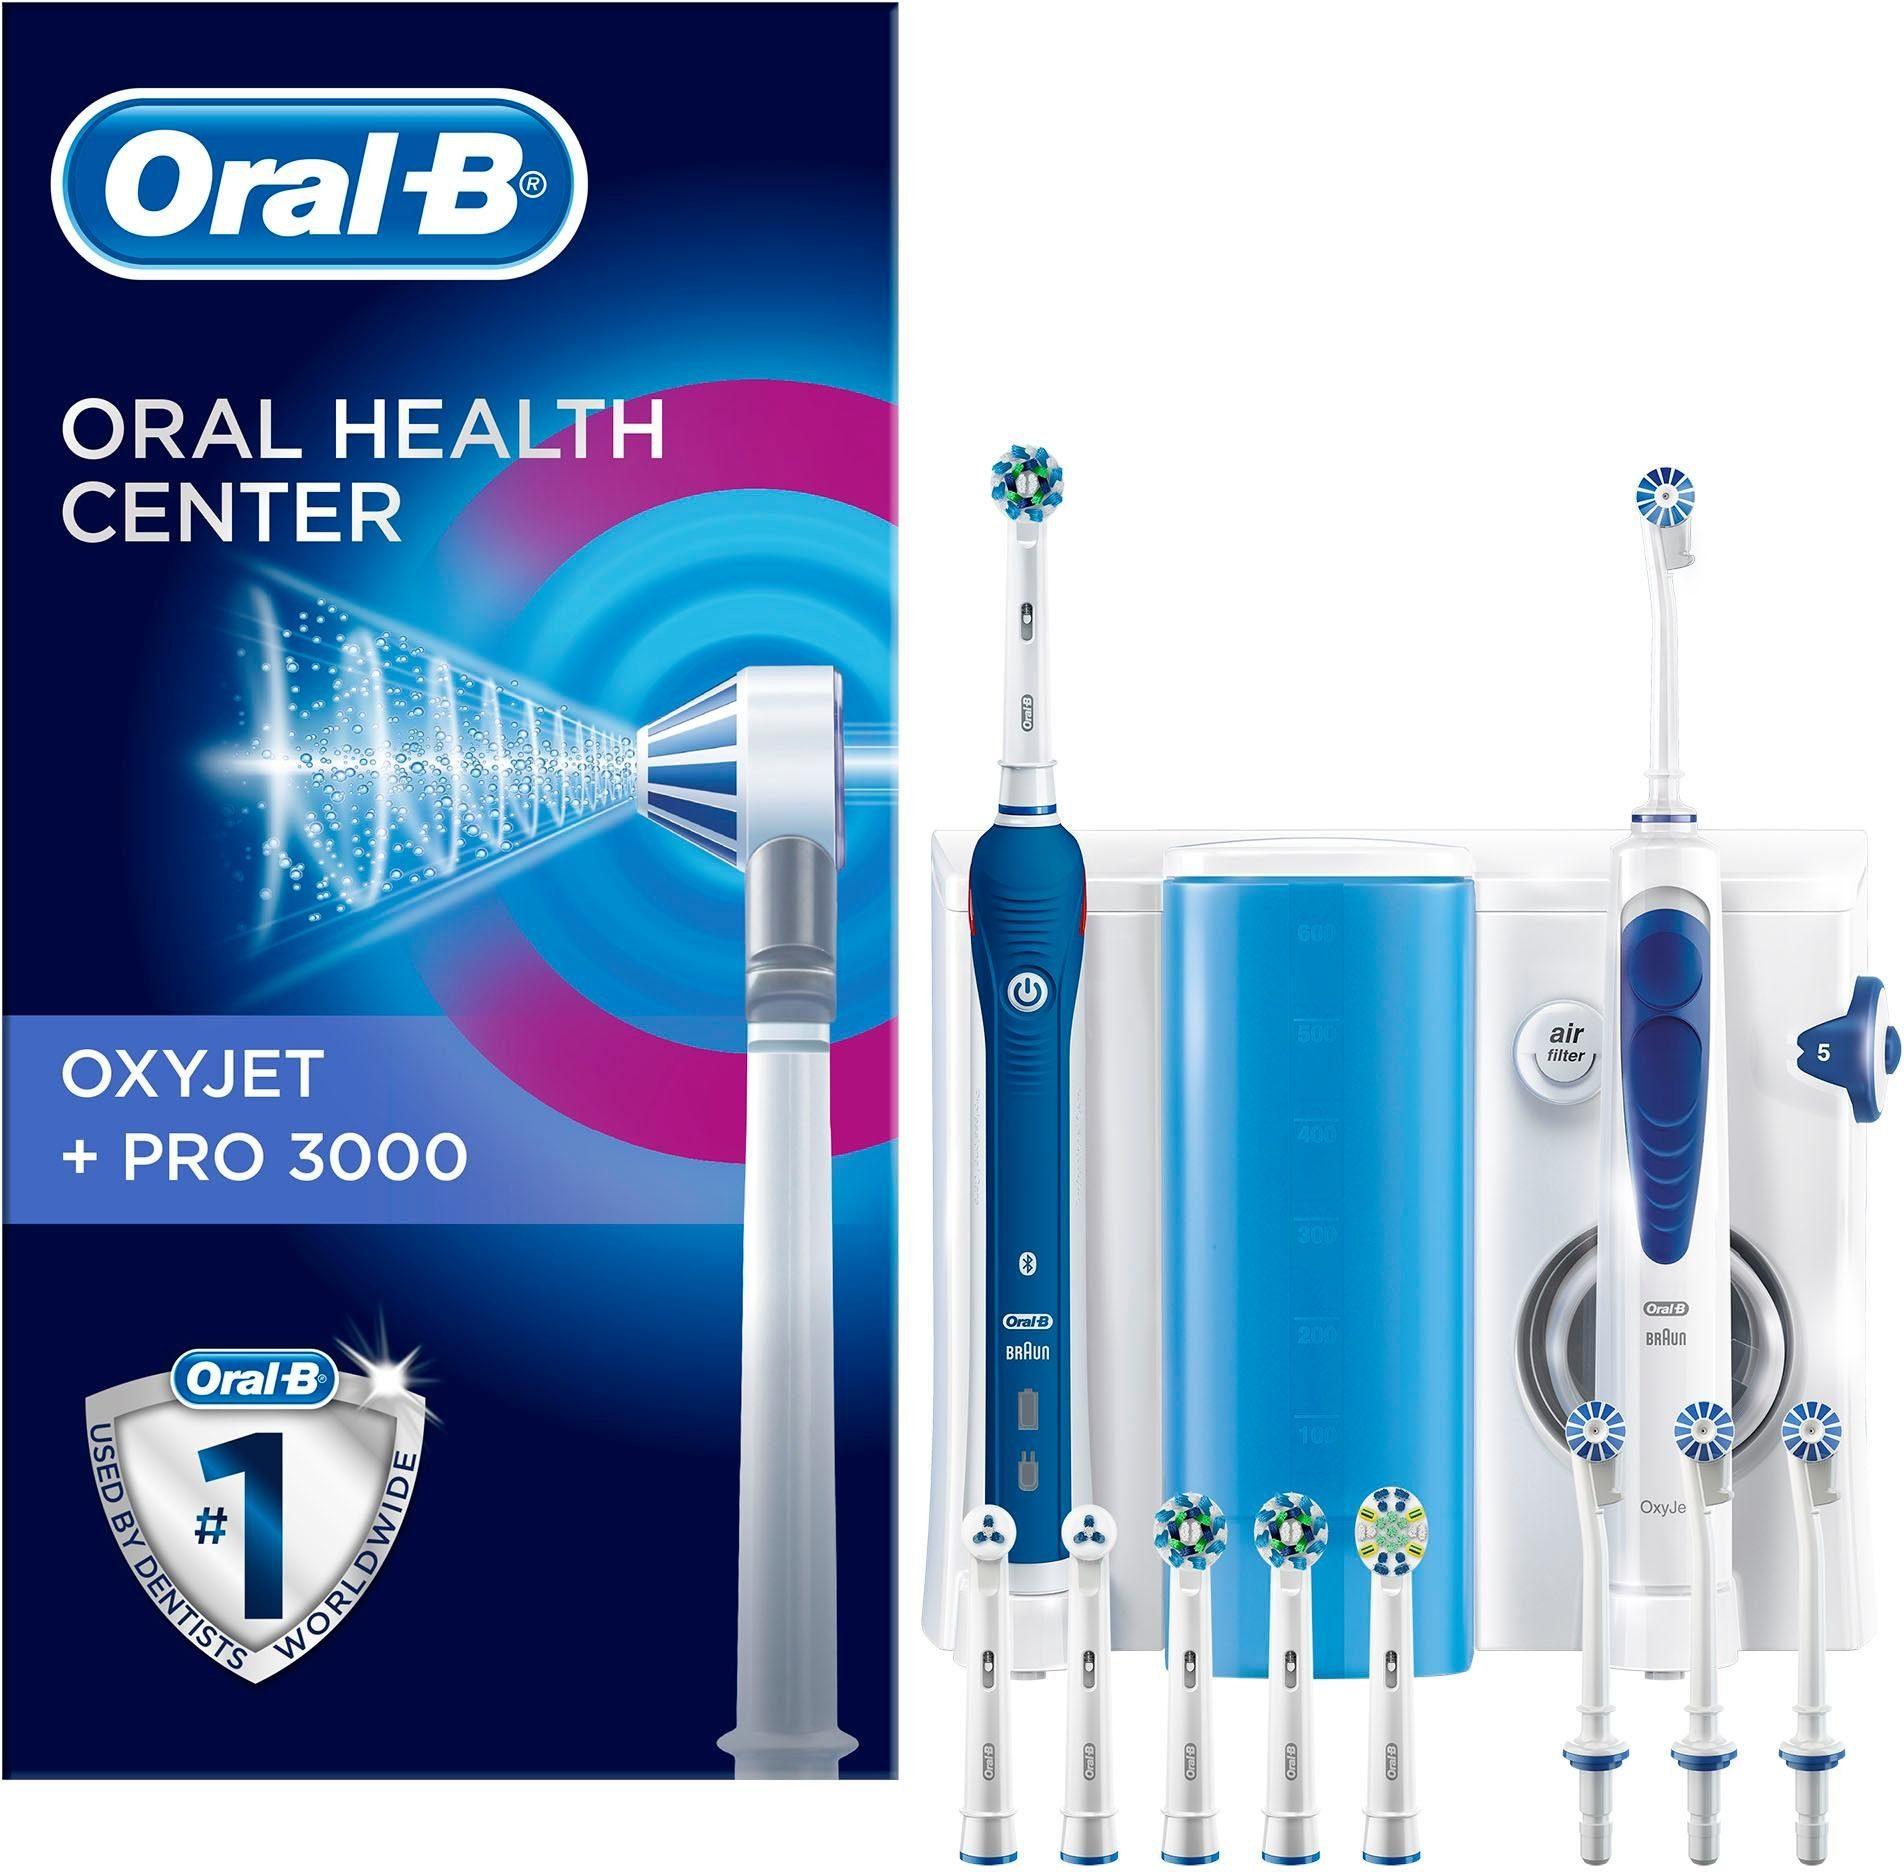 Oral-B Zahnpflegesystem OxyJet Reinigungssystem Munddusche + Oral-B PRO 3000